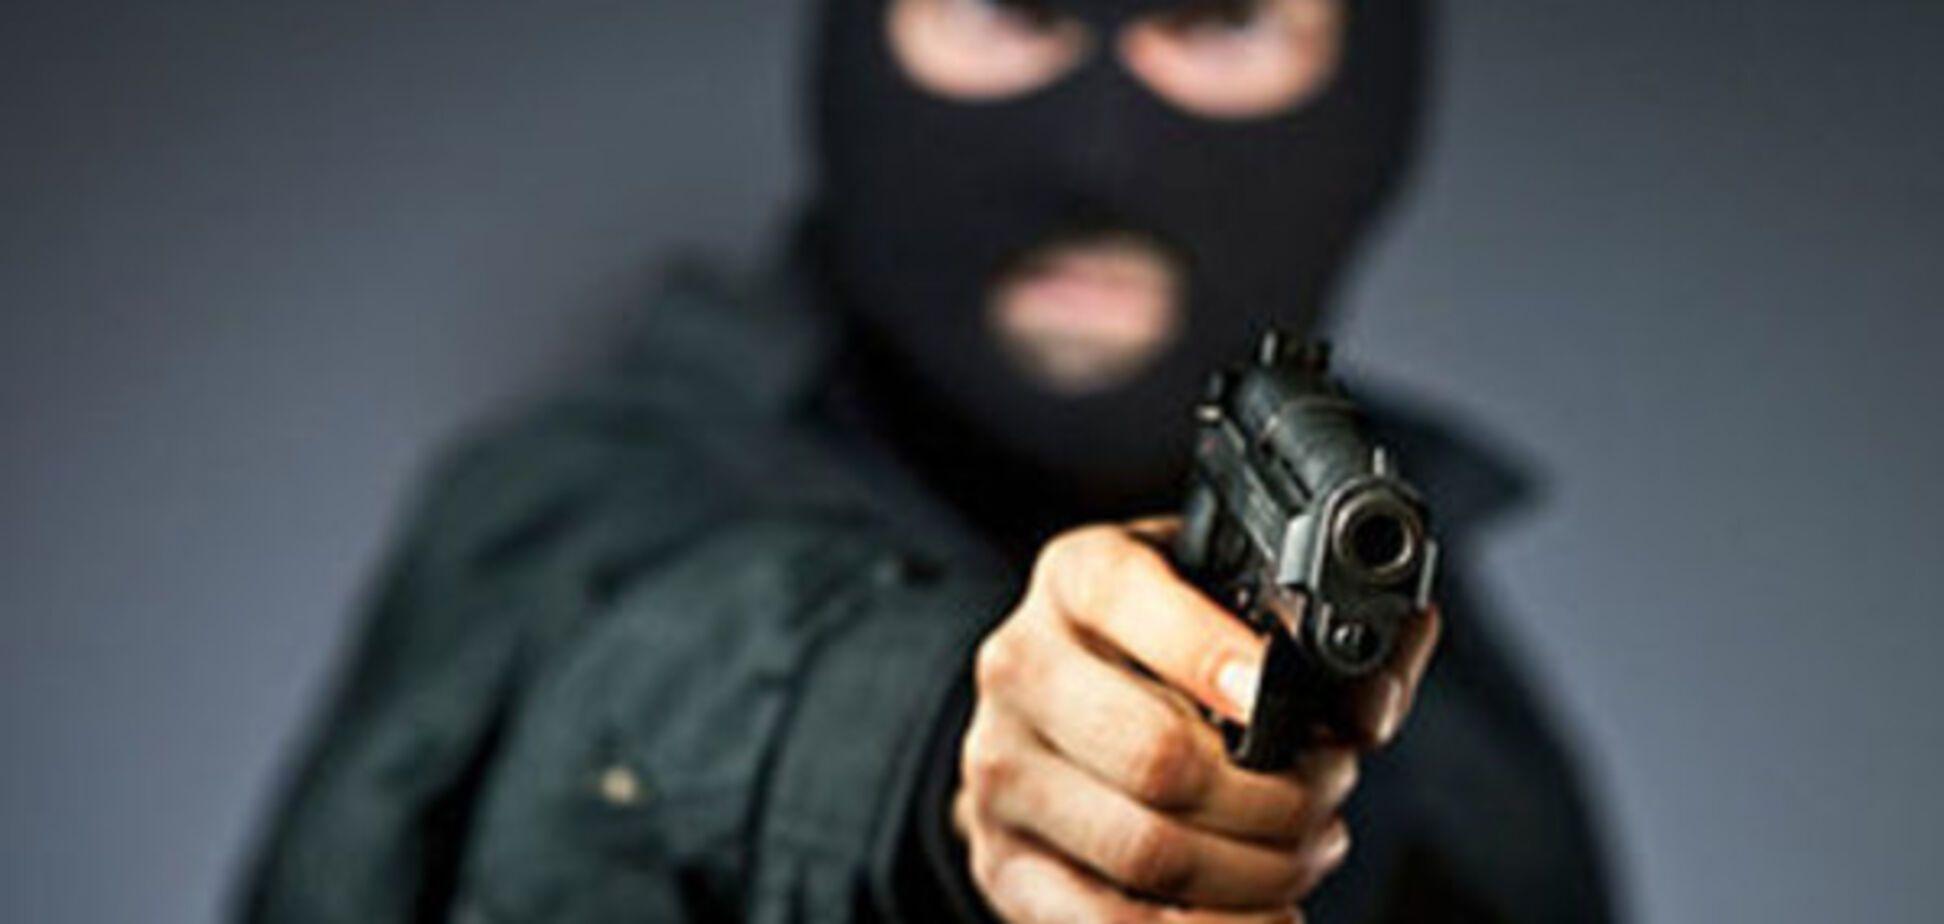 В центре Запорожья произошло ограбление: преступники открыли огонь